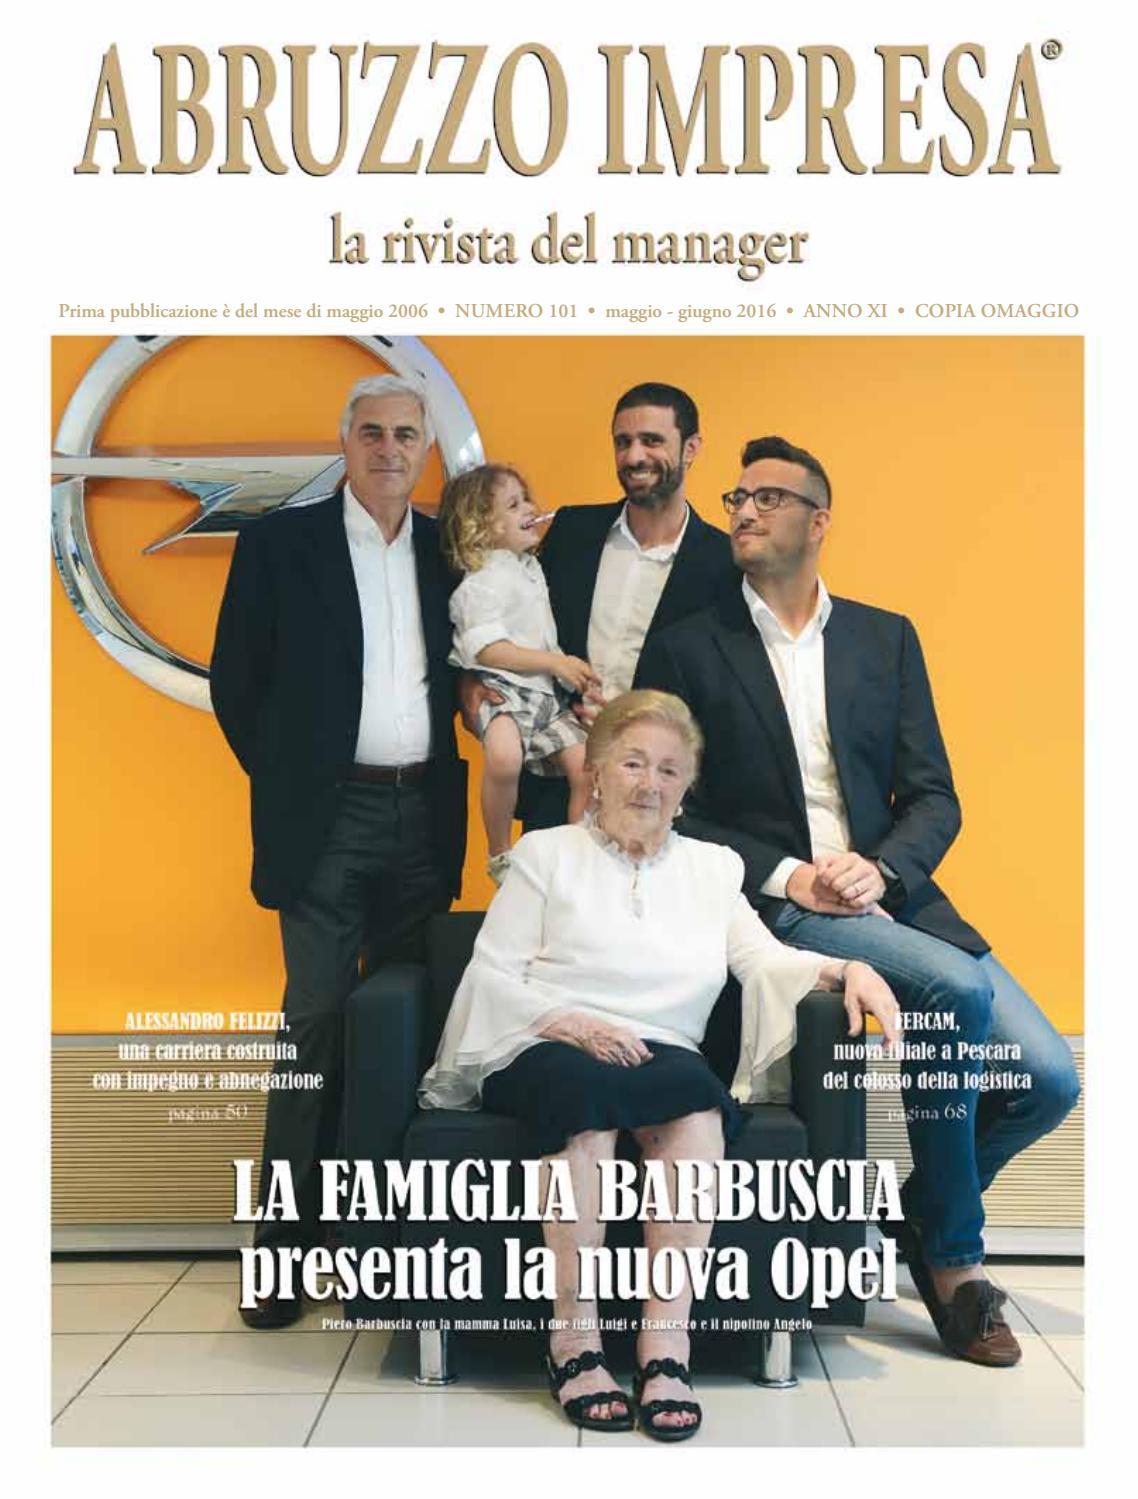 Maggio-Giugno 2016 by Abruzzo Impresa - issuu cc8999ce6c1